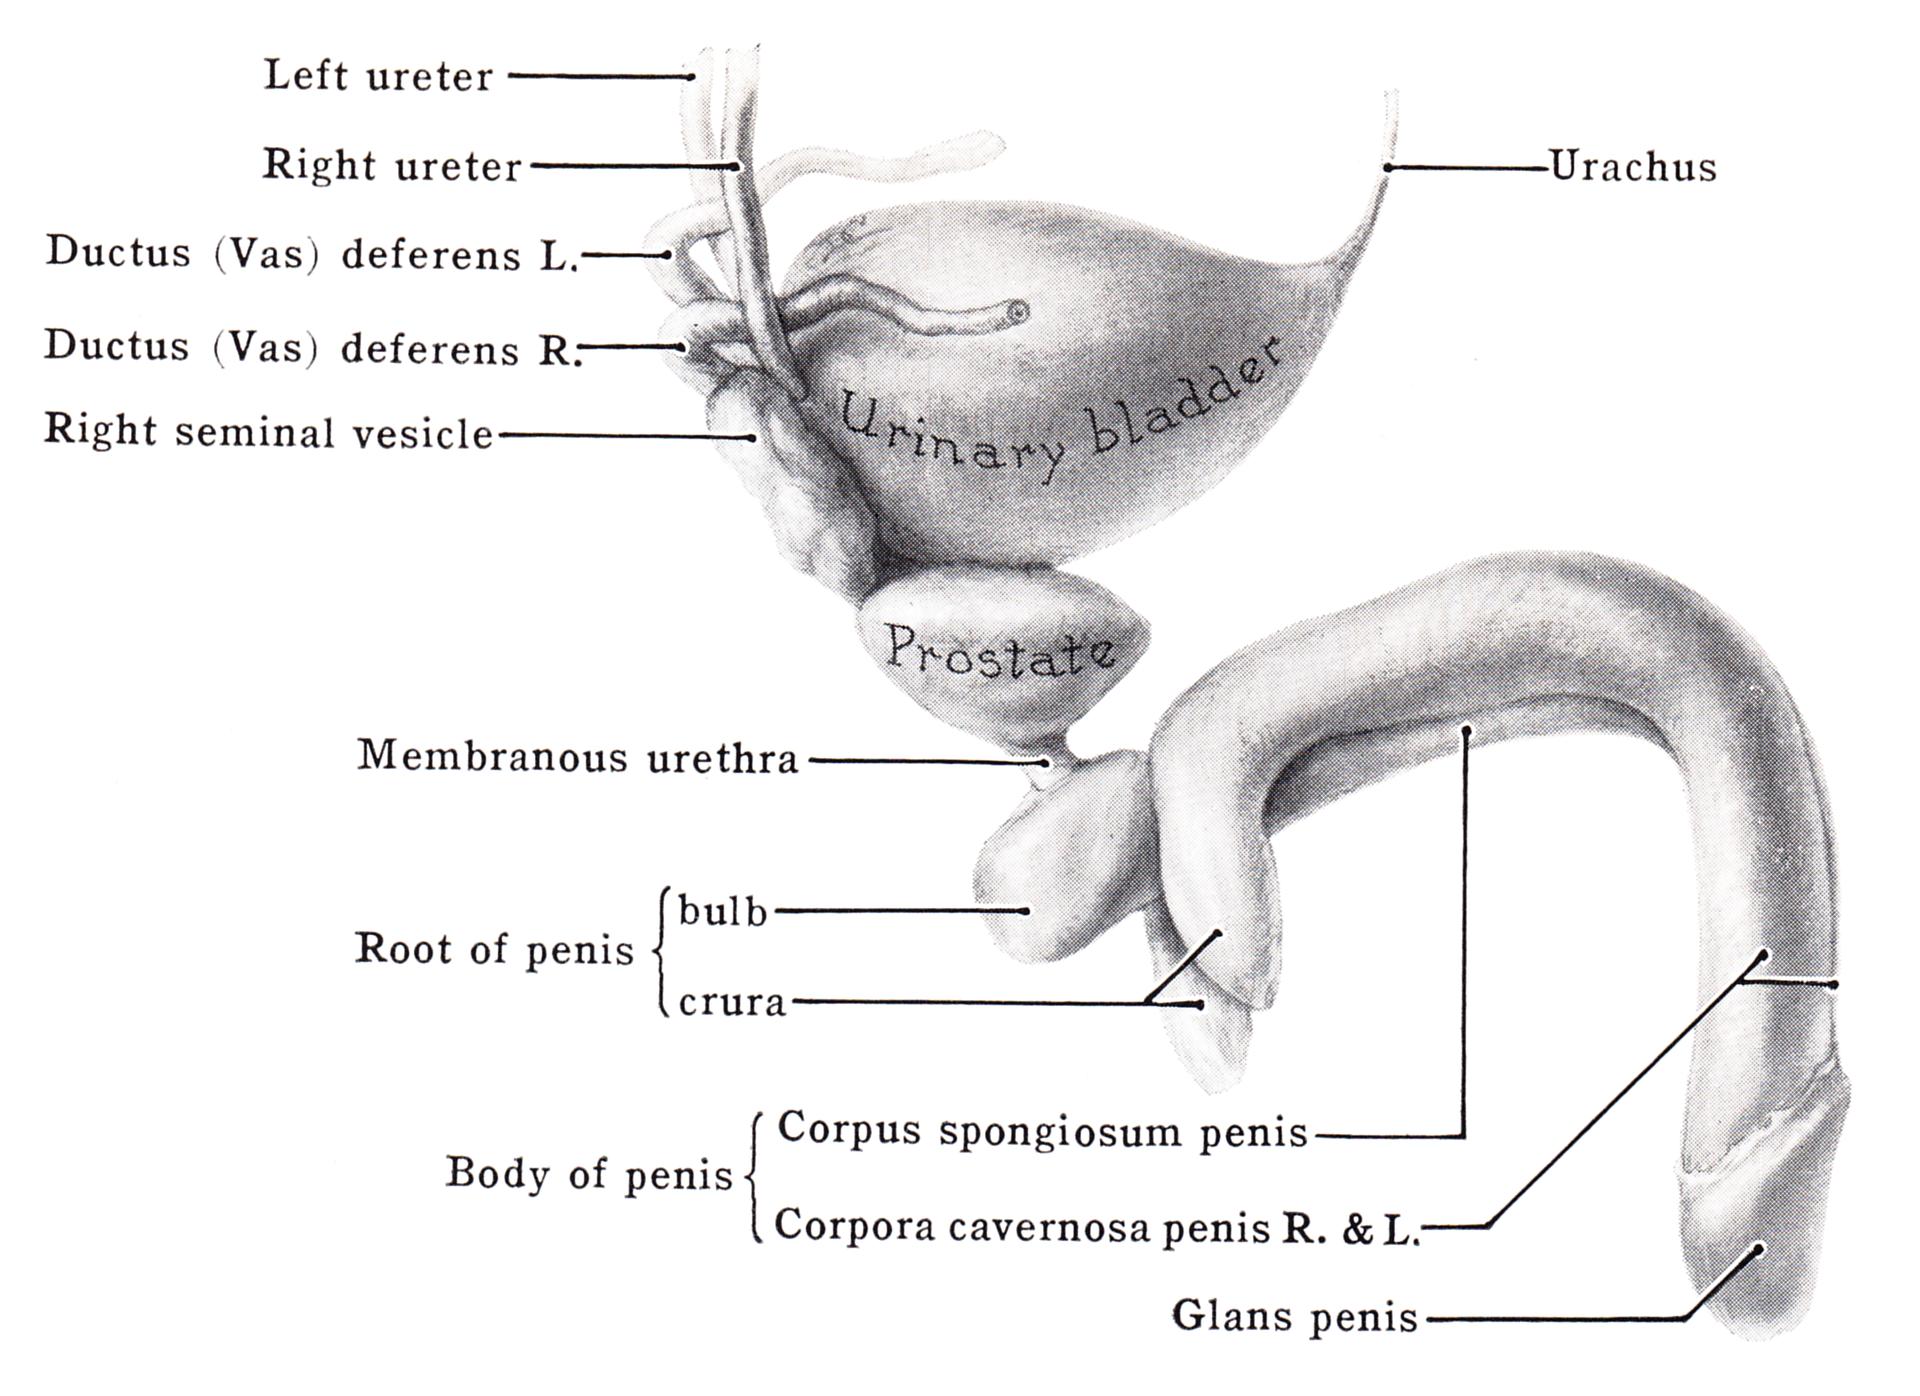 Penile shaft anatomy